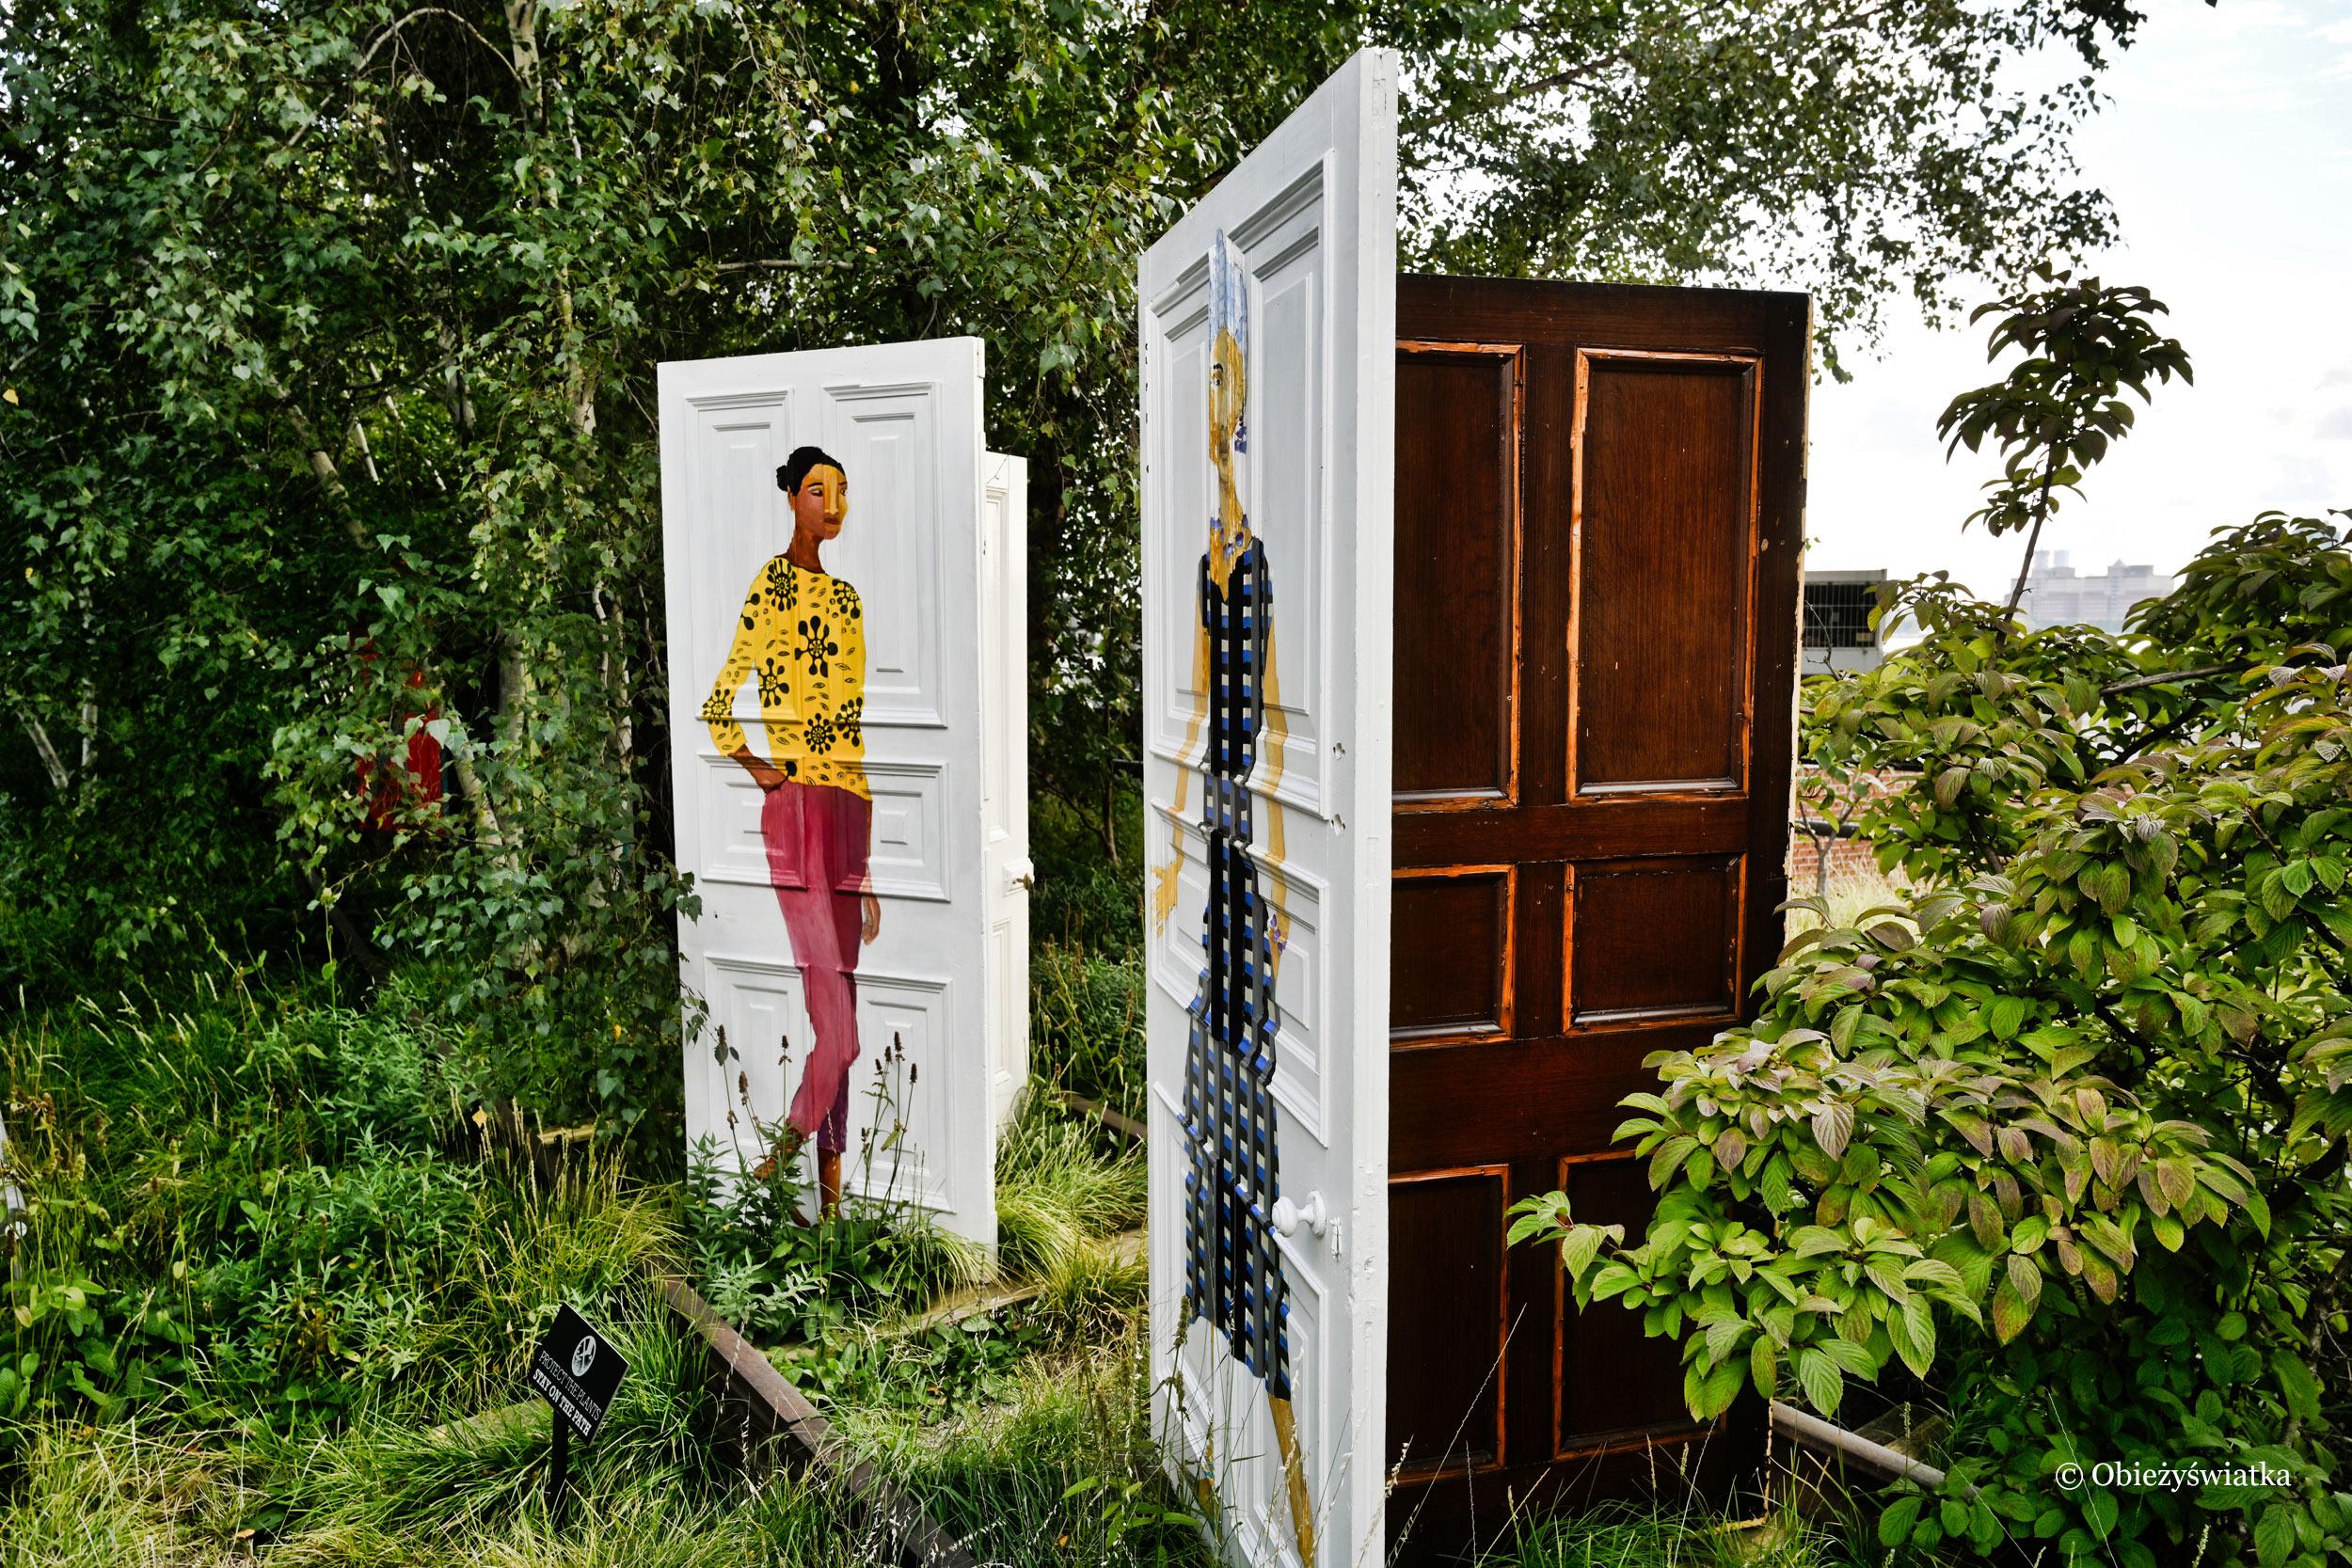 Dzieło autorstwa Lubainy Himid pt. Five Conversations - portrety kobiet powstałe na tradycyjnych drzwiach gruzińskich, które zachowano przed zniszczeniem, cz. 2